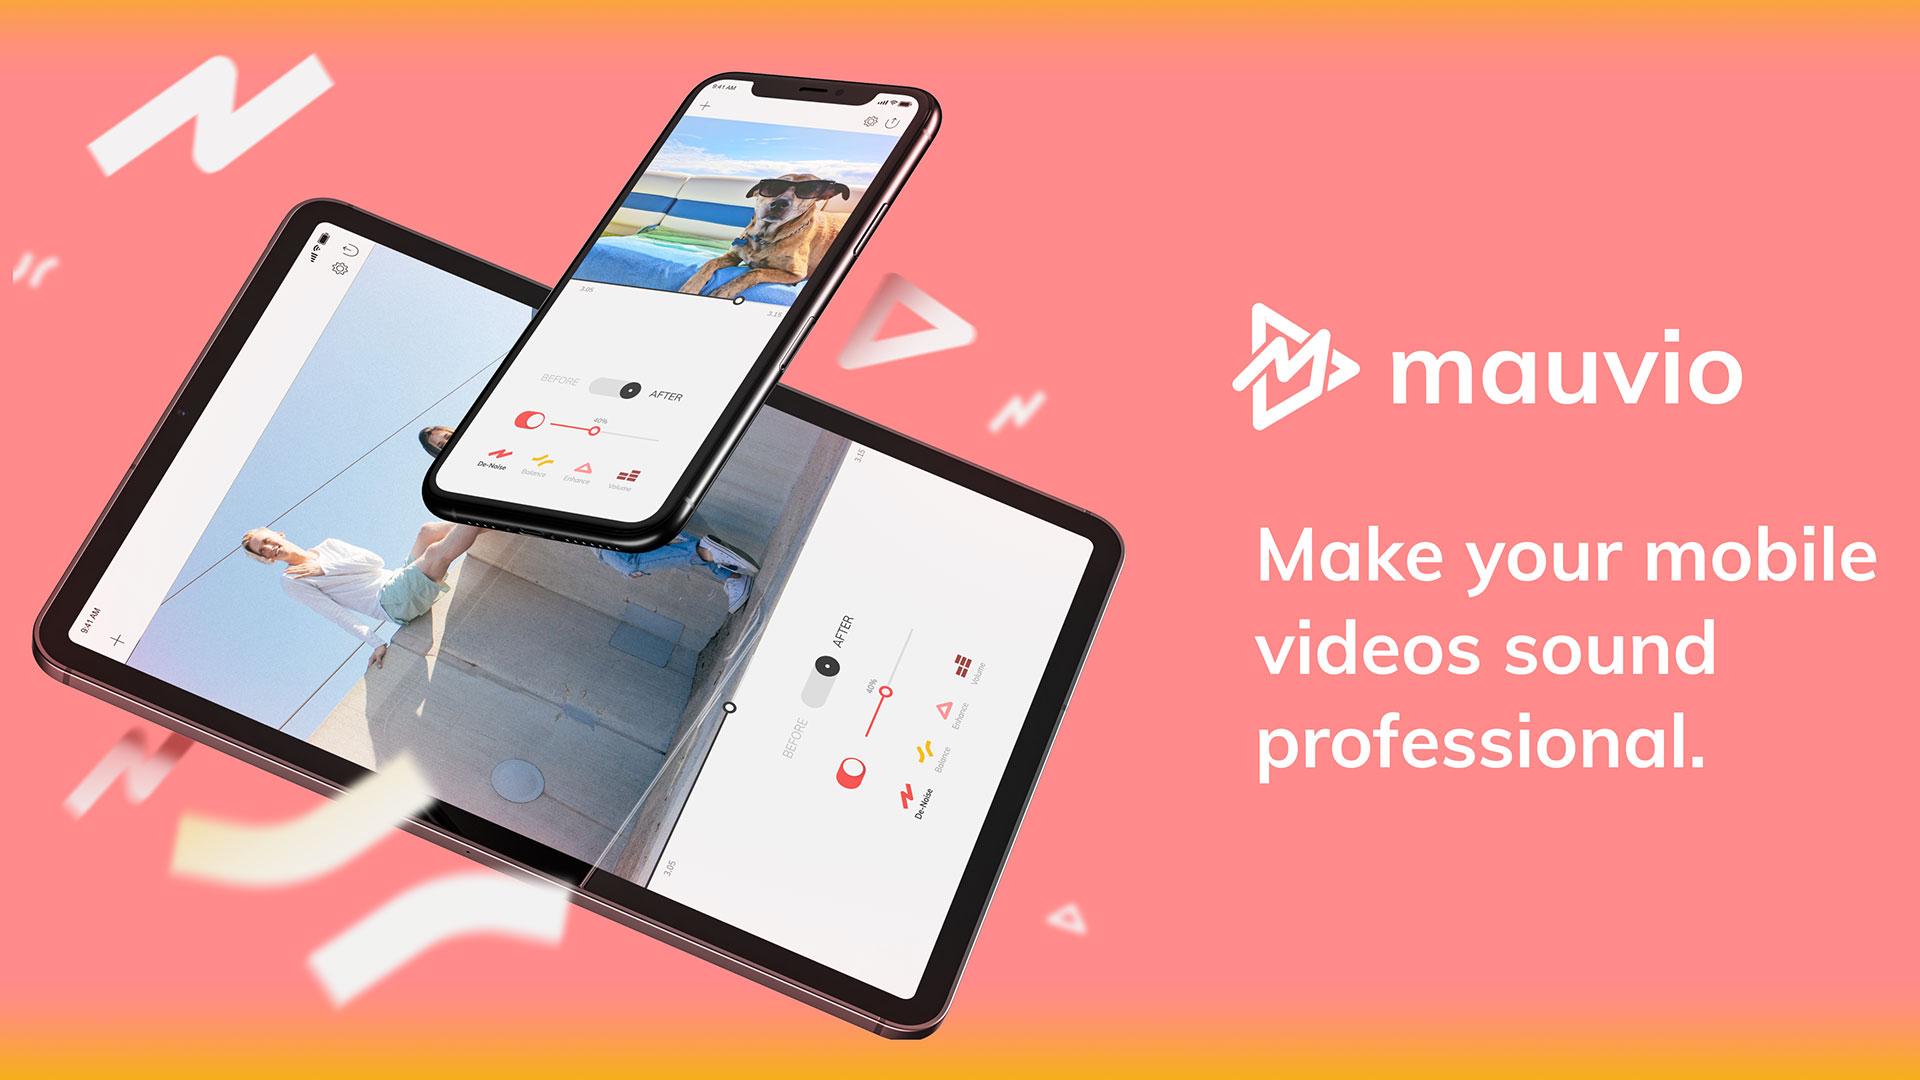 Aplicación Mauvio: mejora el sonido de tus videos de iPhone y iPad